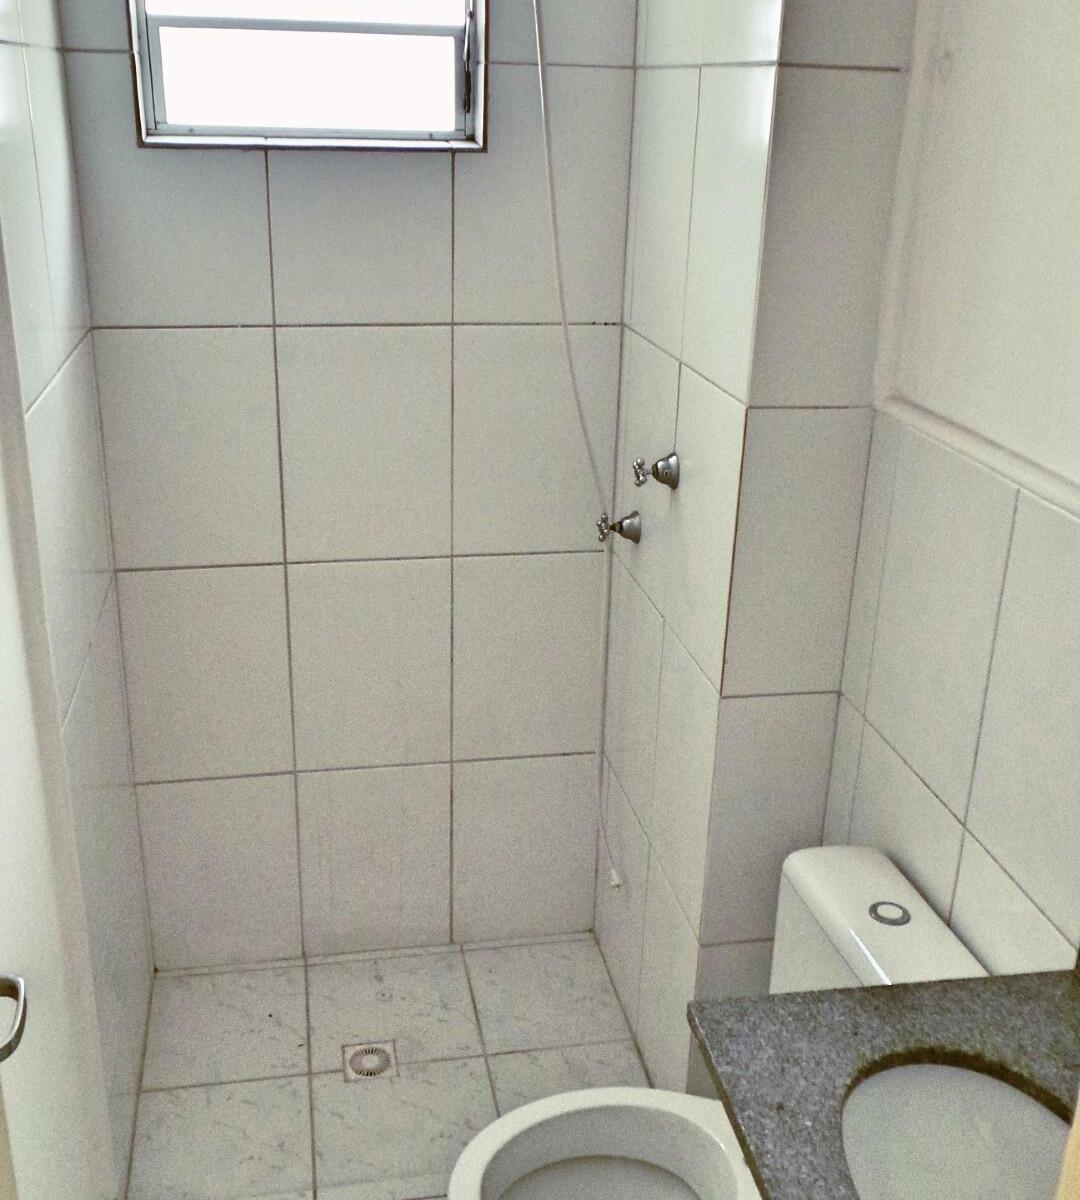 Apartamento à venda com 2 Quartos Sacomã São Paulo R$ 275.000  #423A29 1080x1200 Banheiro Azul Ou Verde